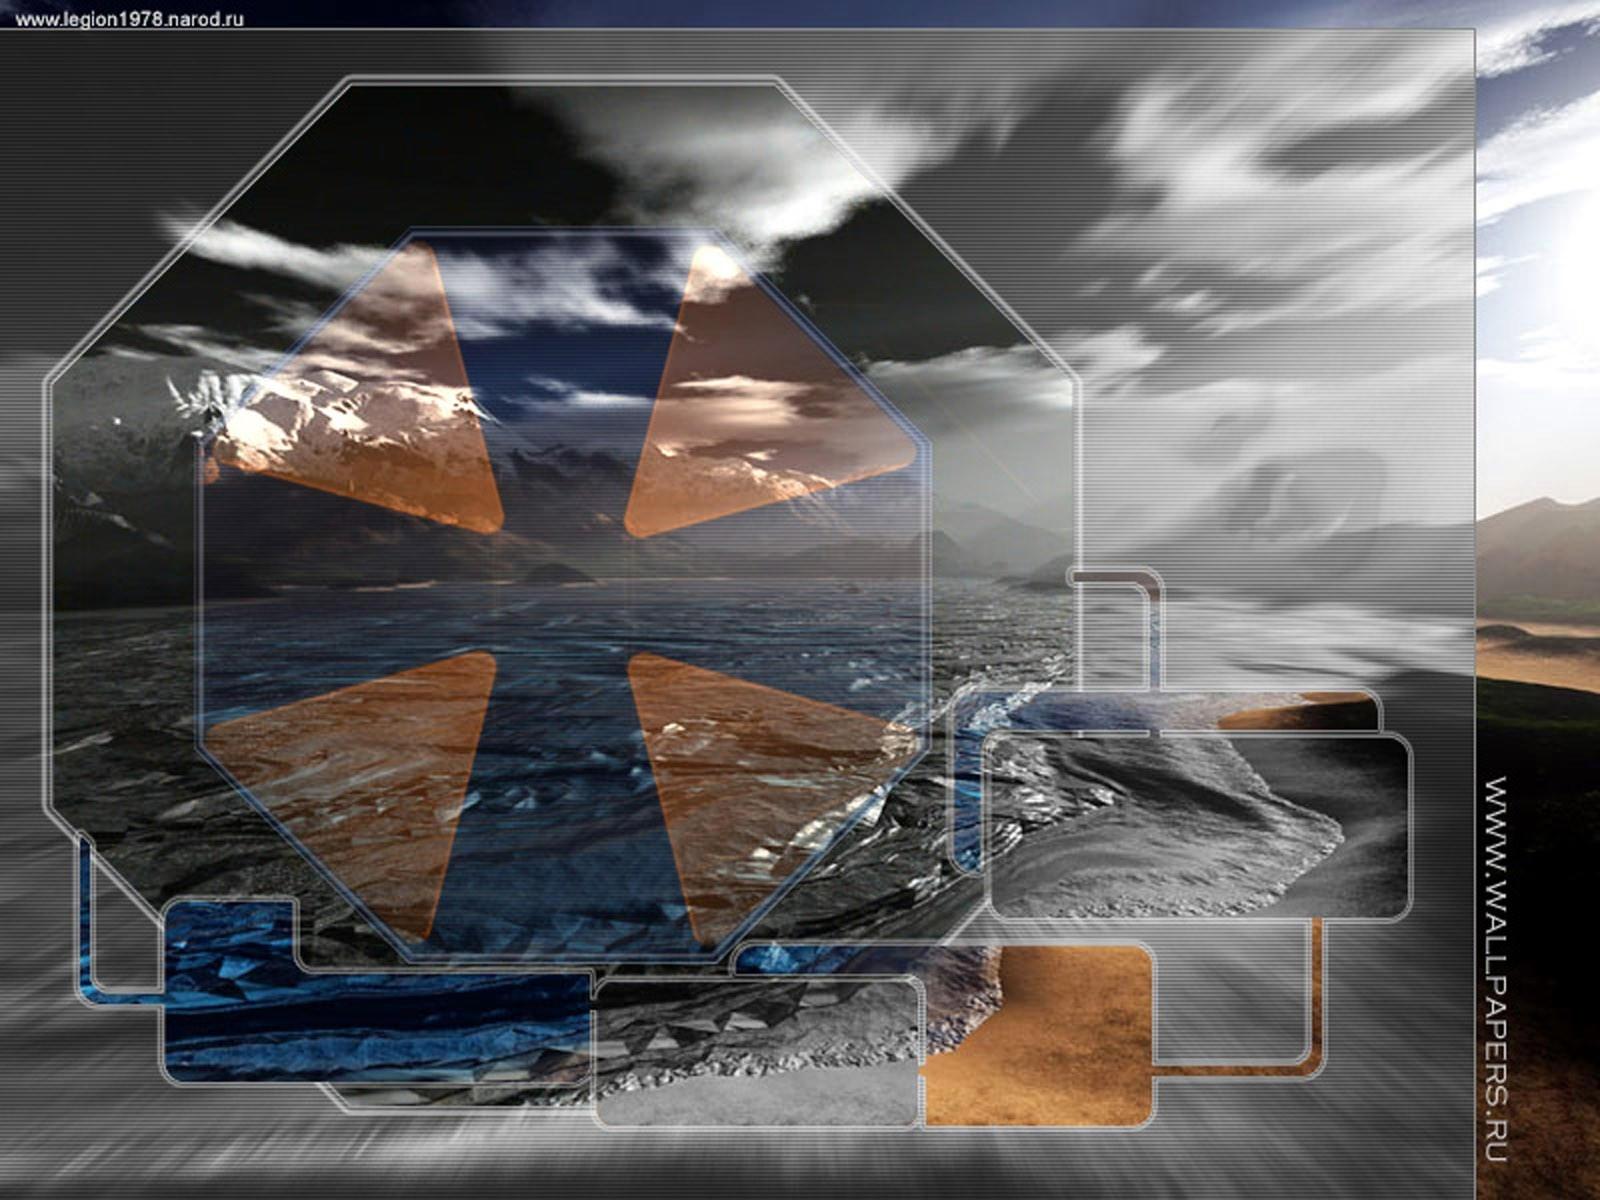 Фото 271.. Нажмите на картинку с абстрактными обоями, чтобы просмотреть ее в реальном размере